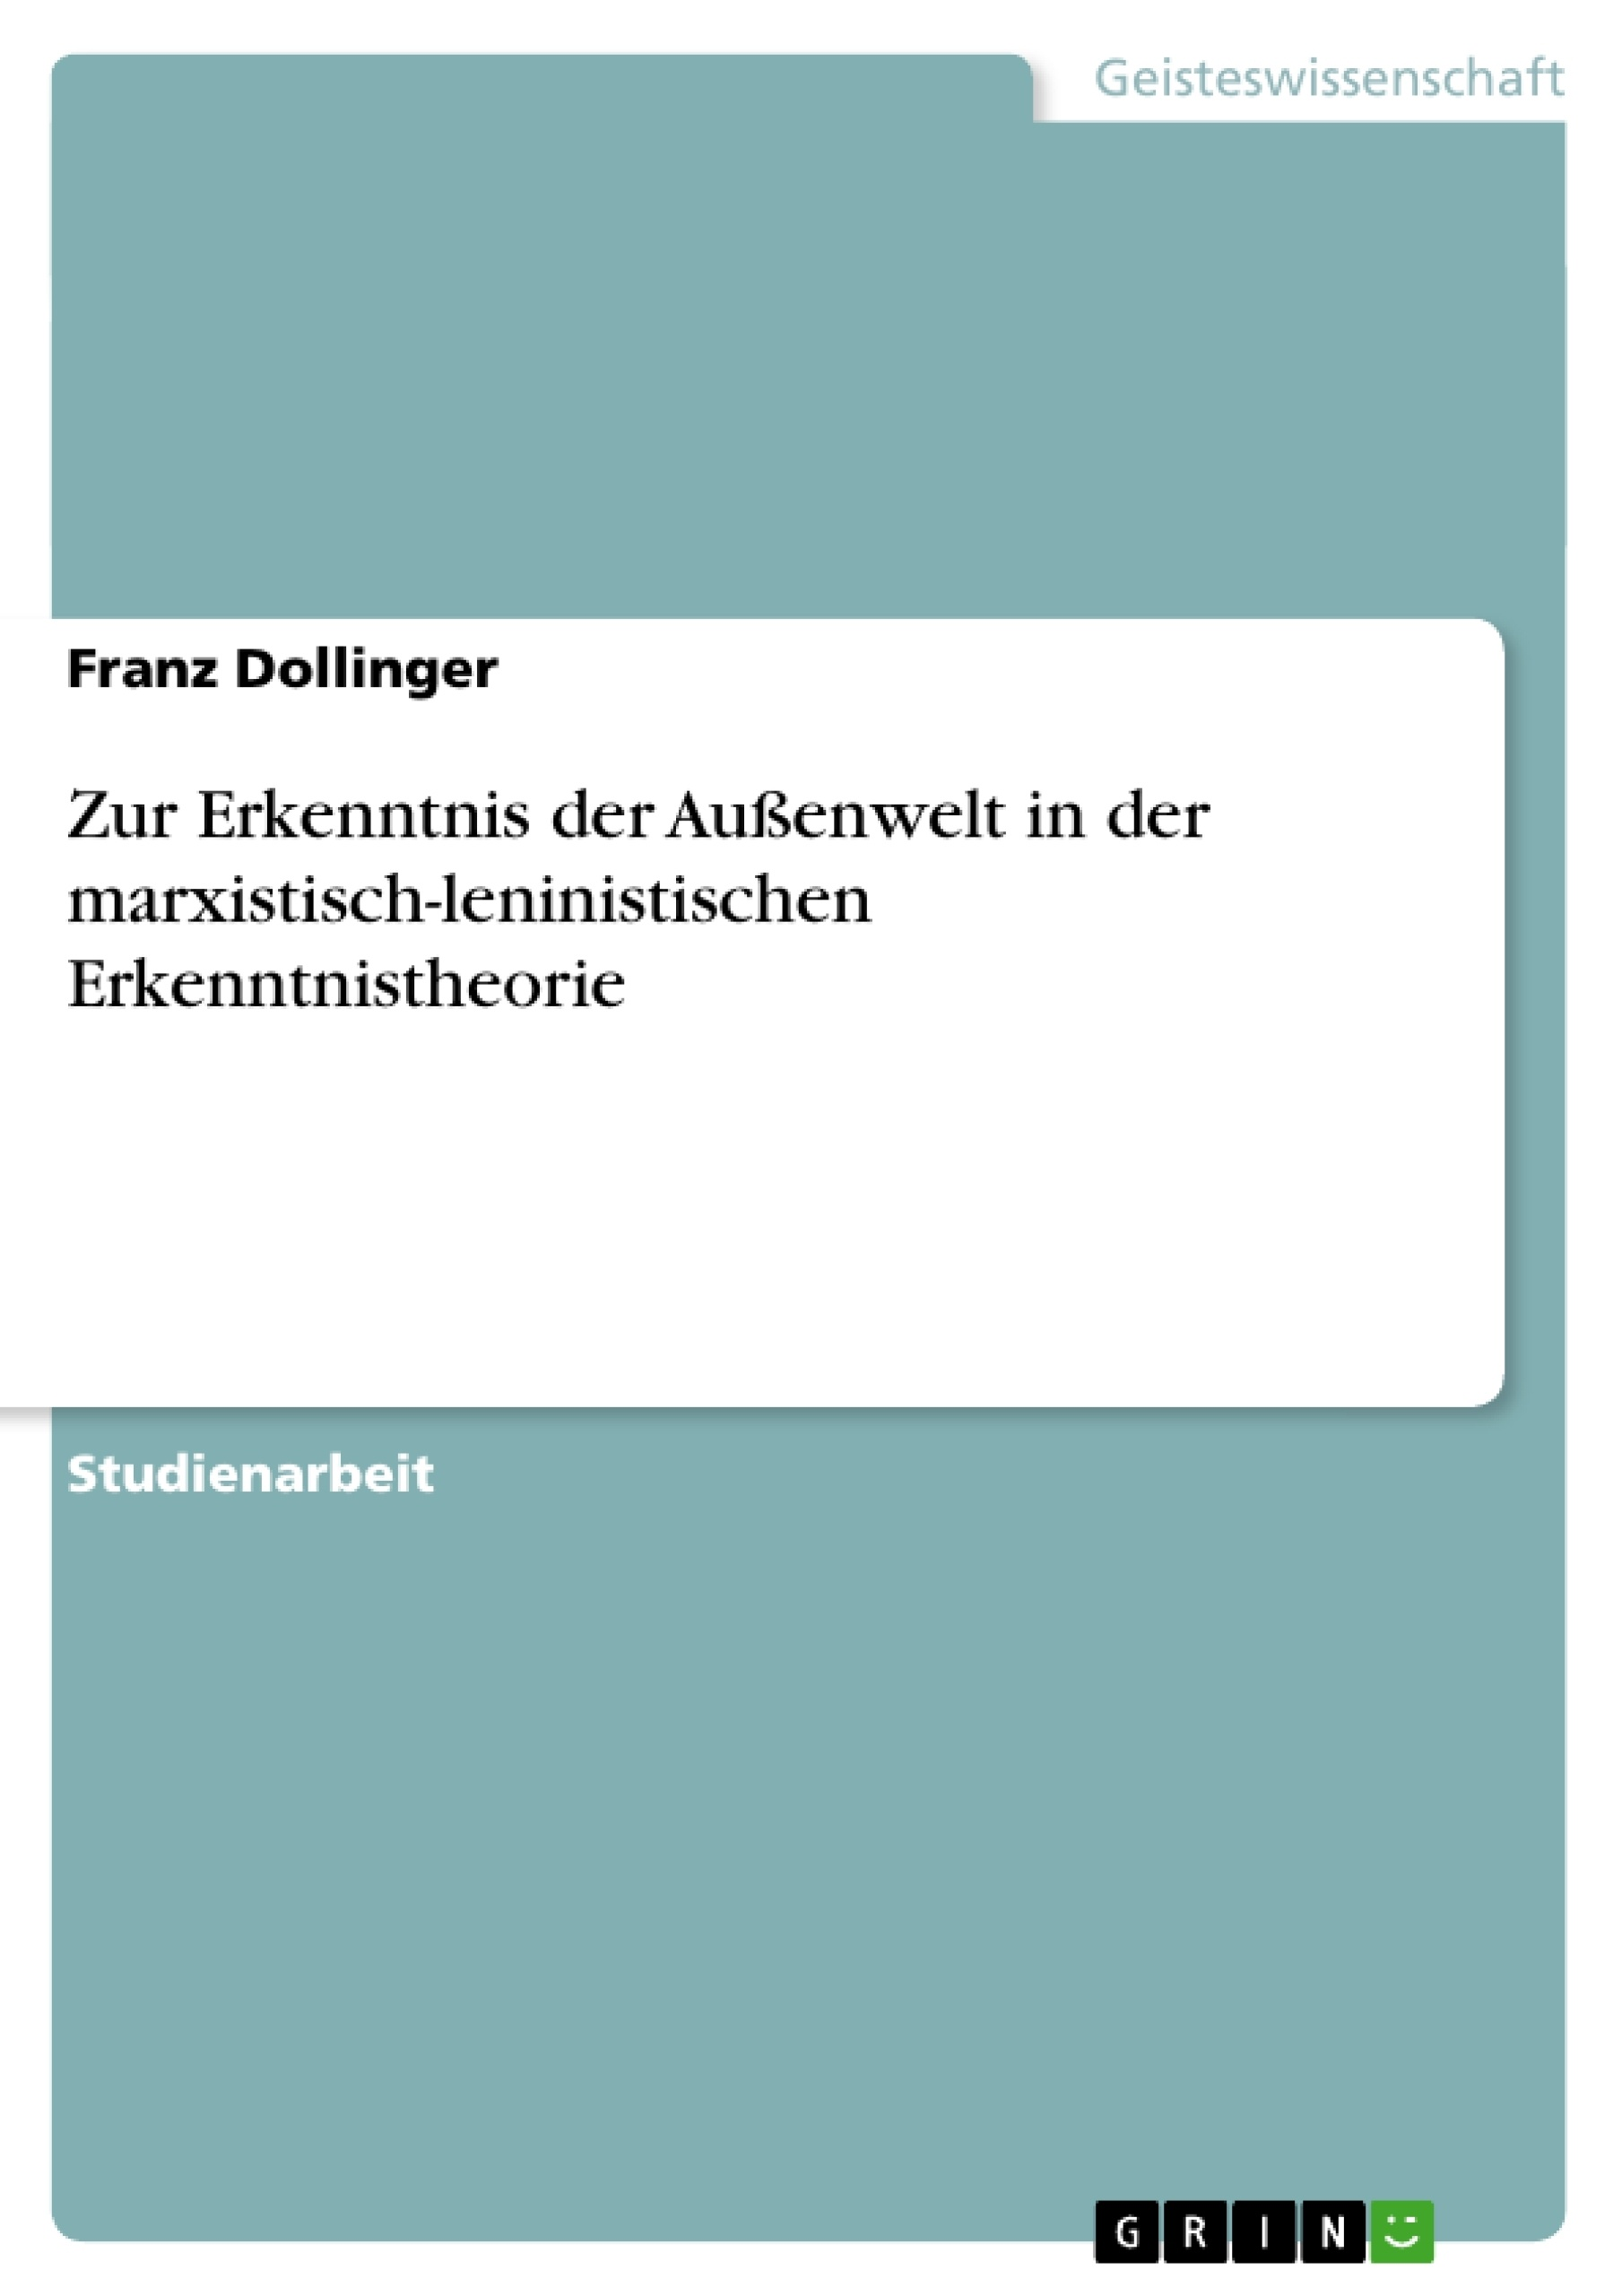 Titel: Zur Erkenntnis der Außenwelt in der marxistisch-leninistischen Erkenntnistheorie